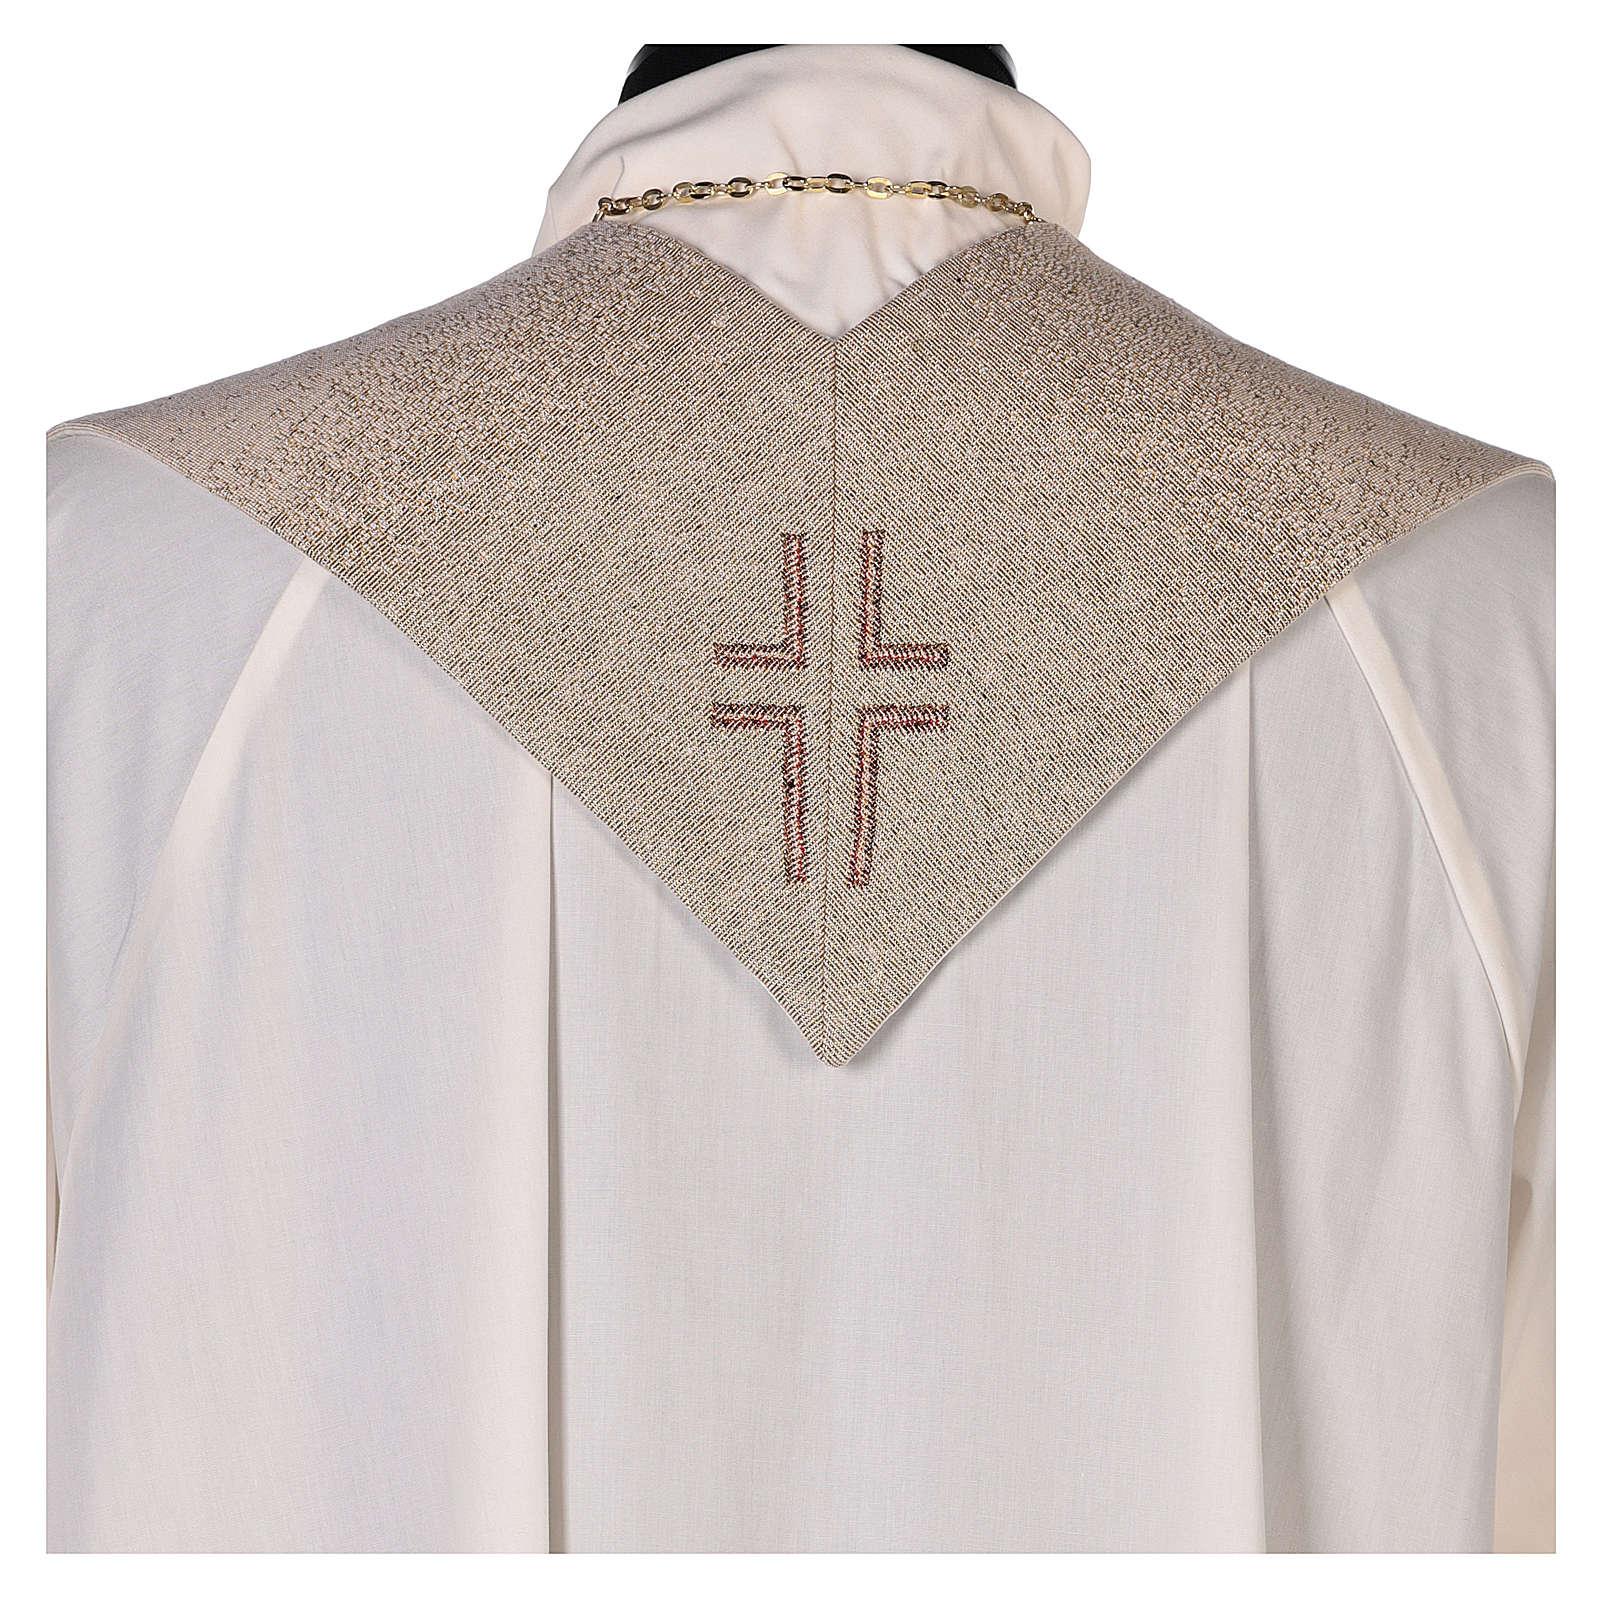 Étole Notre Dame du Bon Conseil symbole marial couleur ivoire 4